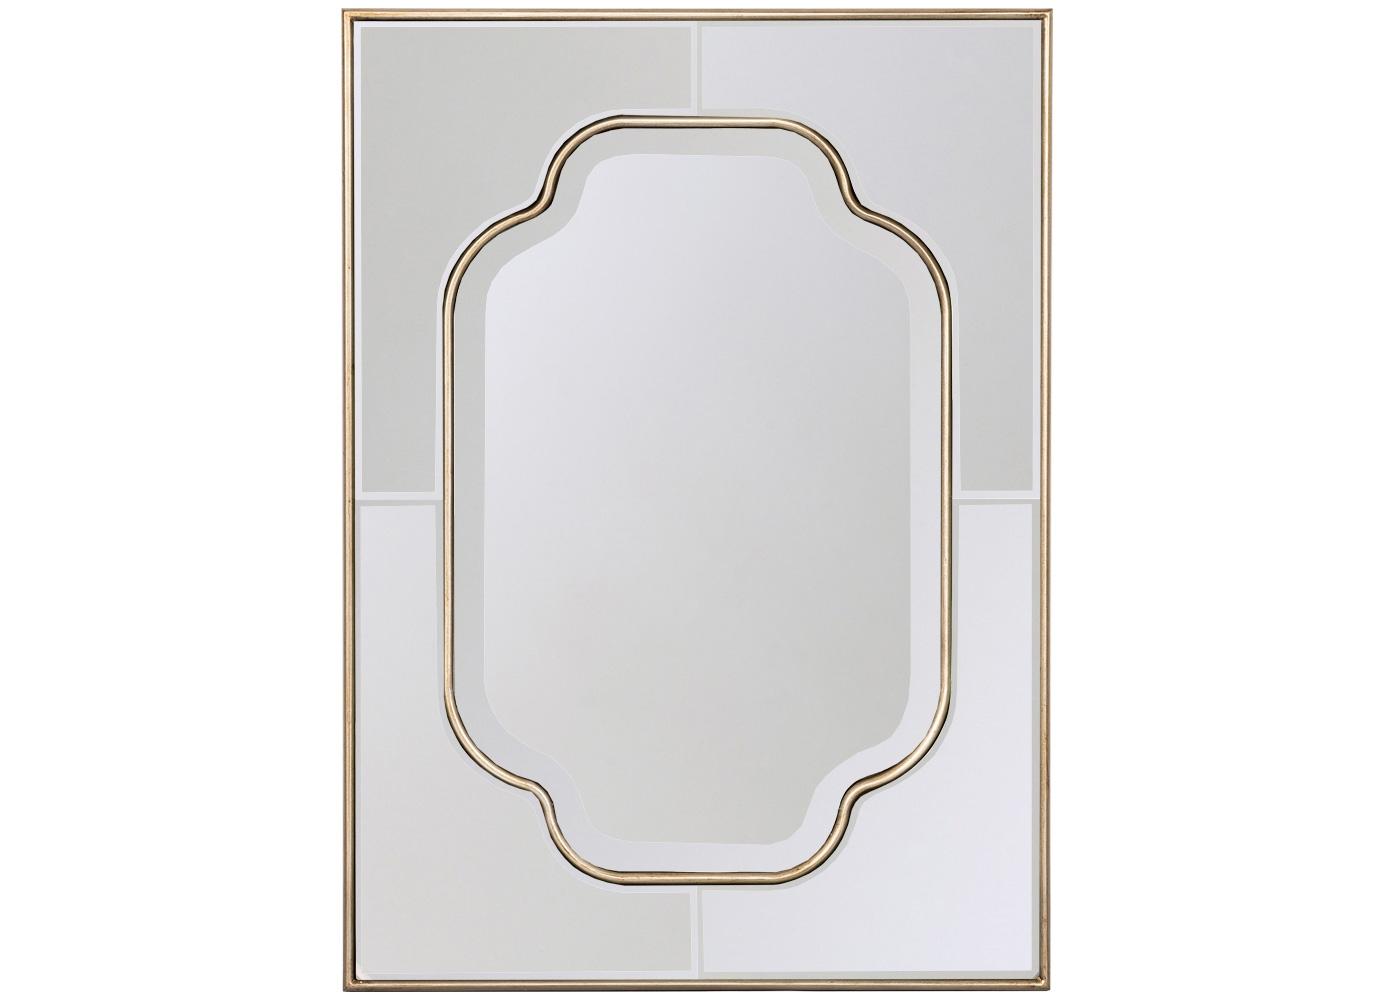 Настенное зеркало «Дельмир»Настенные зеркала<br>&amp;quot;Венецианскими&amp;quot; зеркалами называются дизайны, распространяющие зеркальный слой на всю поверхность, включая раму. Уникальная технология изобретена ещё в XVI веке стекольными мастерами венецианского острова Мурано, - отсюда и название. Такие дизайны, по определению, относятся к зеркальной элите, поскольку ручной процесс их производства кропотлив и дорог. Именно такое образное значение вносит в интерьер зеркало &amp;quot;Дельмир&amp;quot;, покоряющее благородным слиянием мягких оттенков золота и серебра. Умиротворяющая волнистая форма зеркала подчеркнута широкой фацетной гранью, придающей отражениям объем и глубину.<br><br>Material: Полиуретан<br>Ширина см: 59.0<br>Высота см: 81.0<br>Глубина см: 2.0